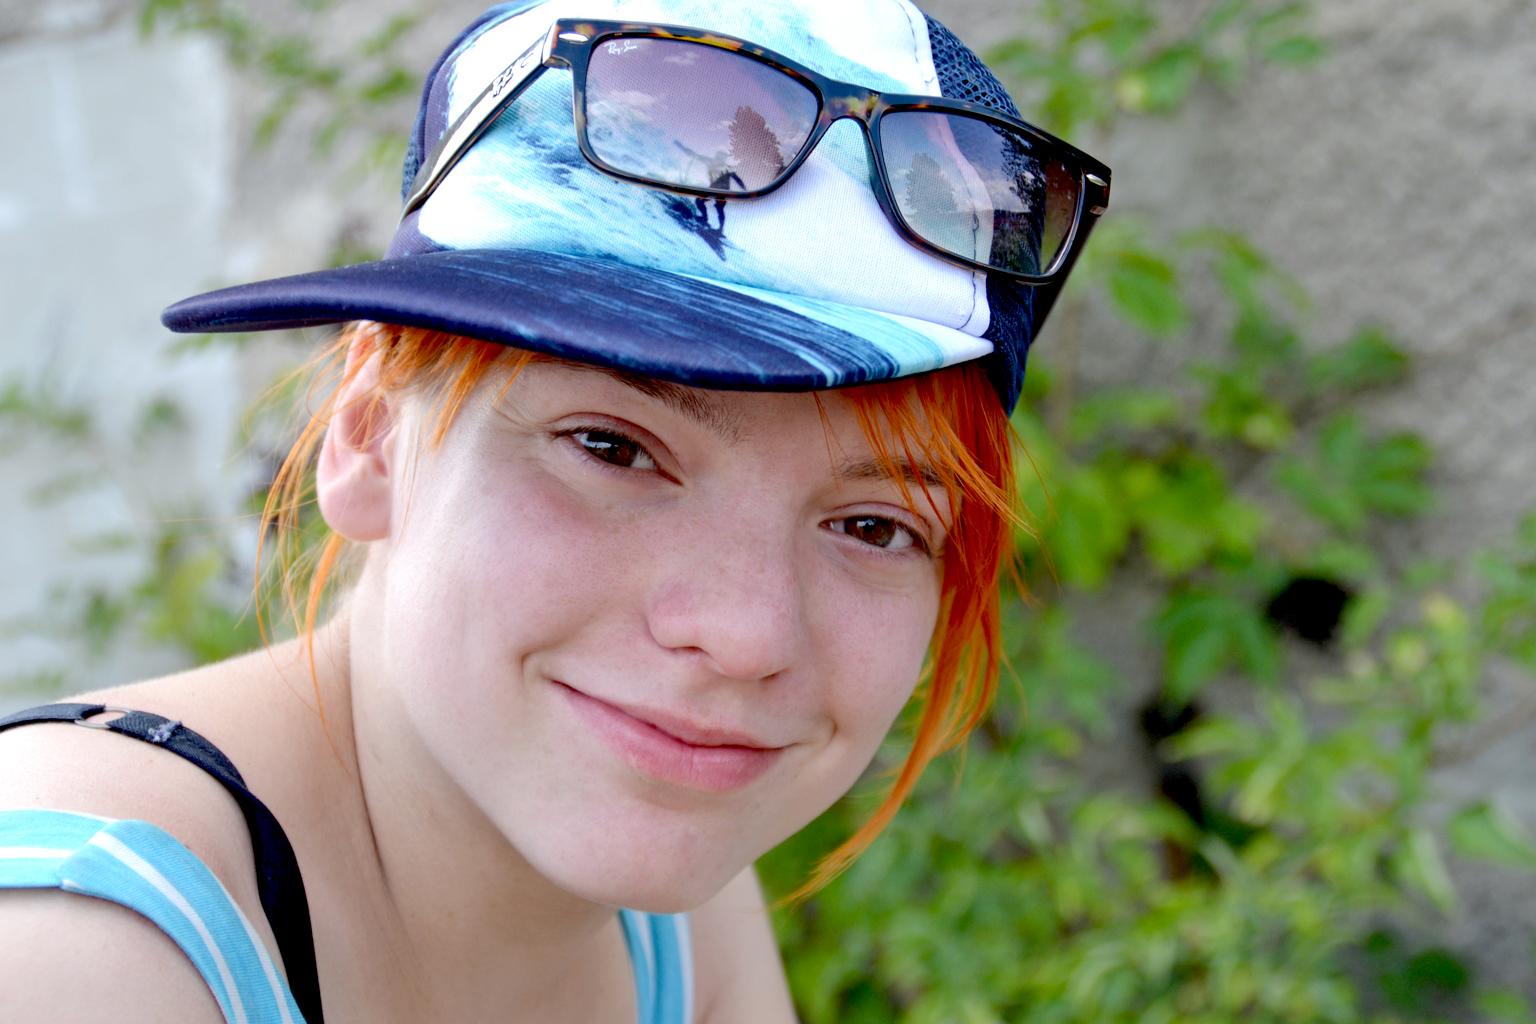 Noemi Staniszewska